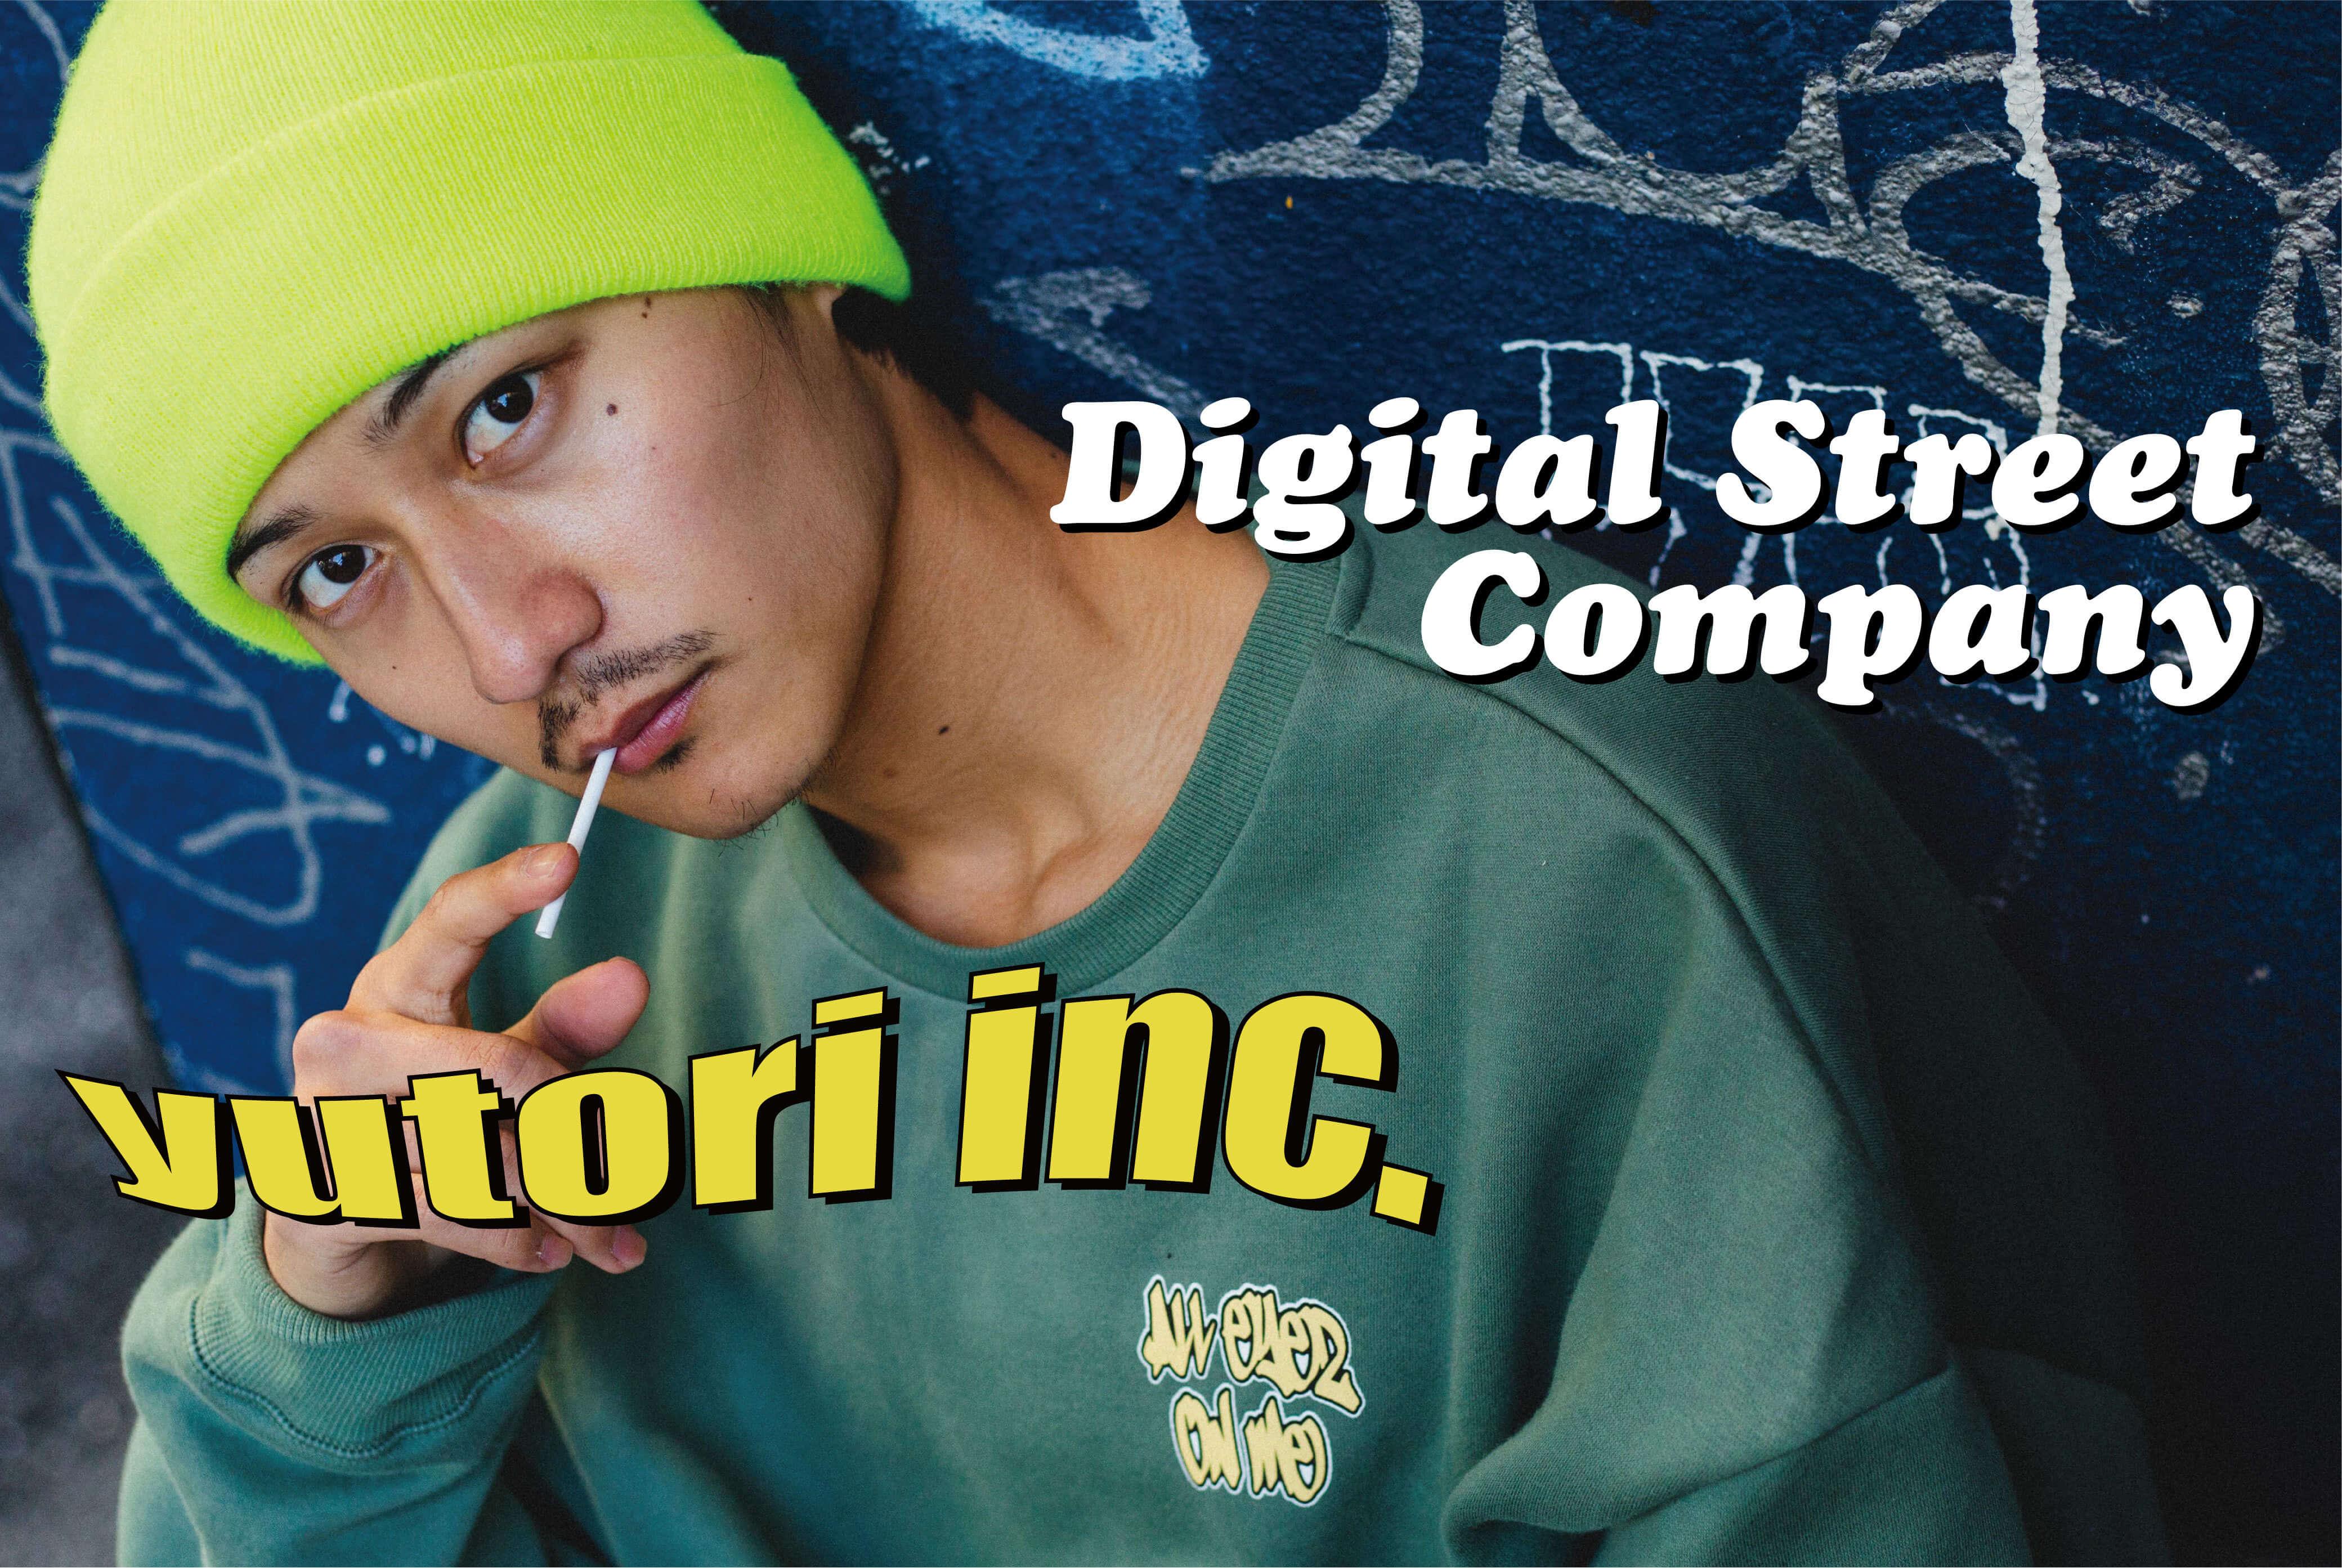 アパレルD2Cの商品企画・デザインを担うクリエイティブリーダー募集のカバー写真